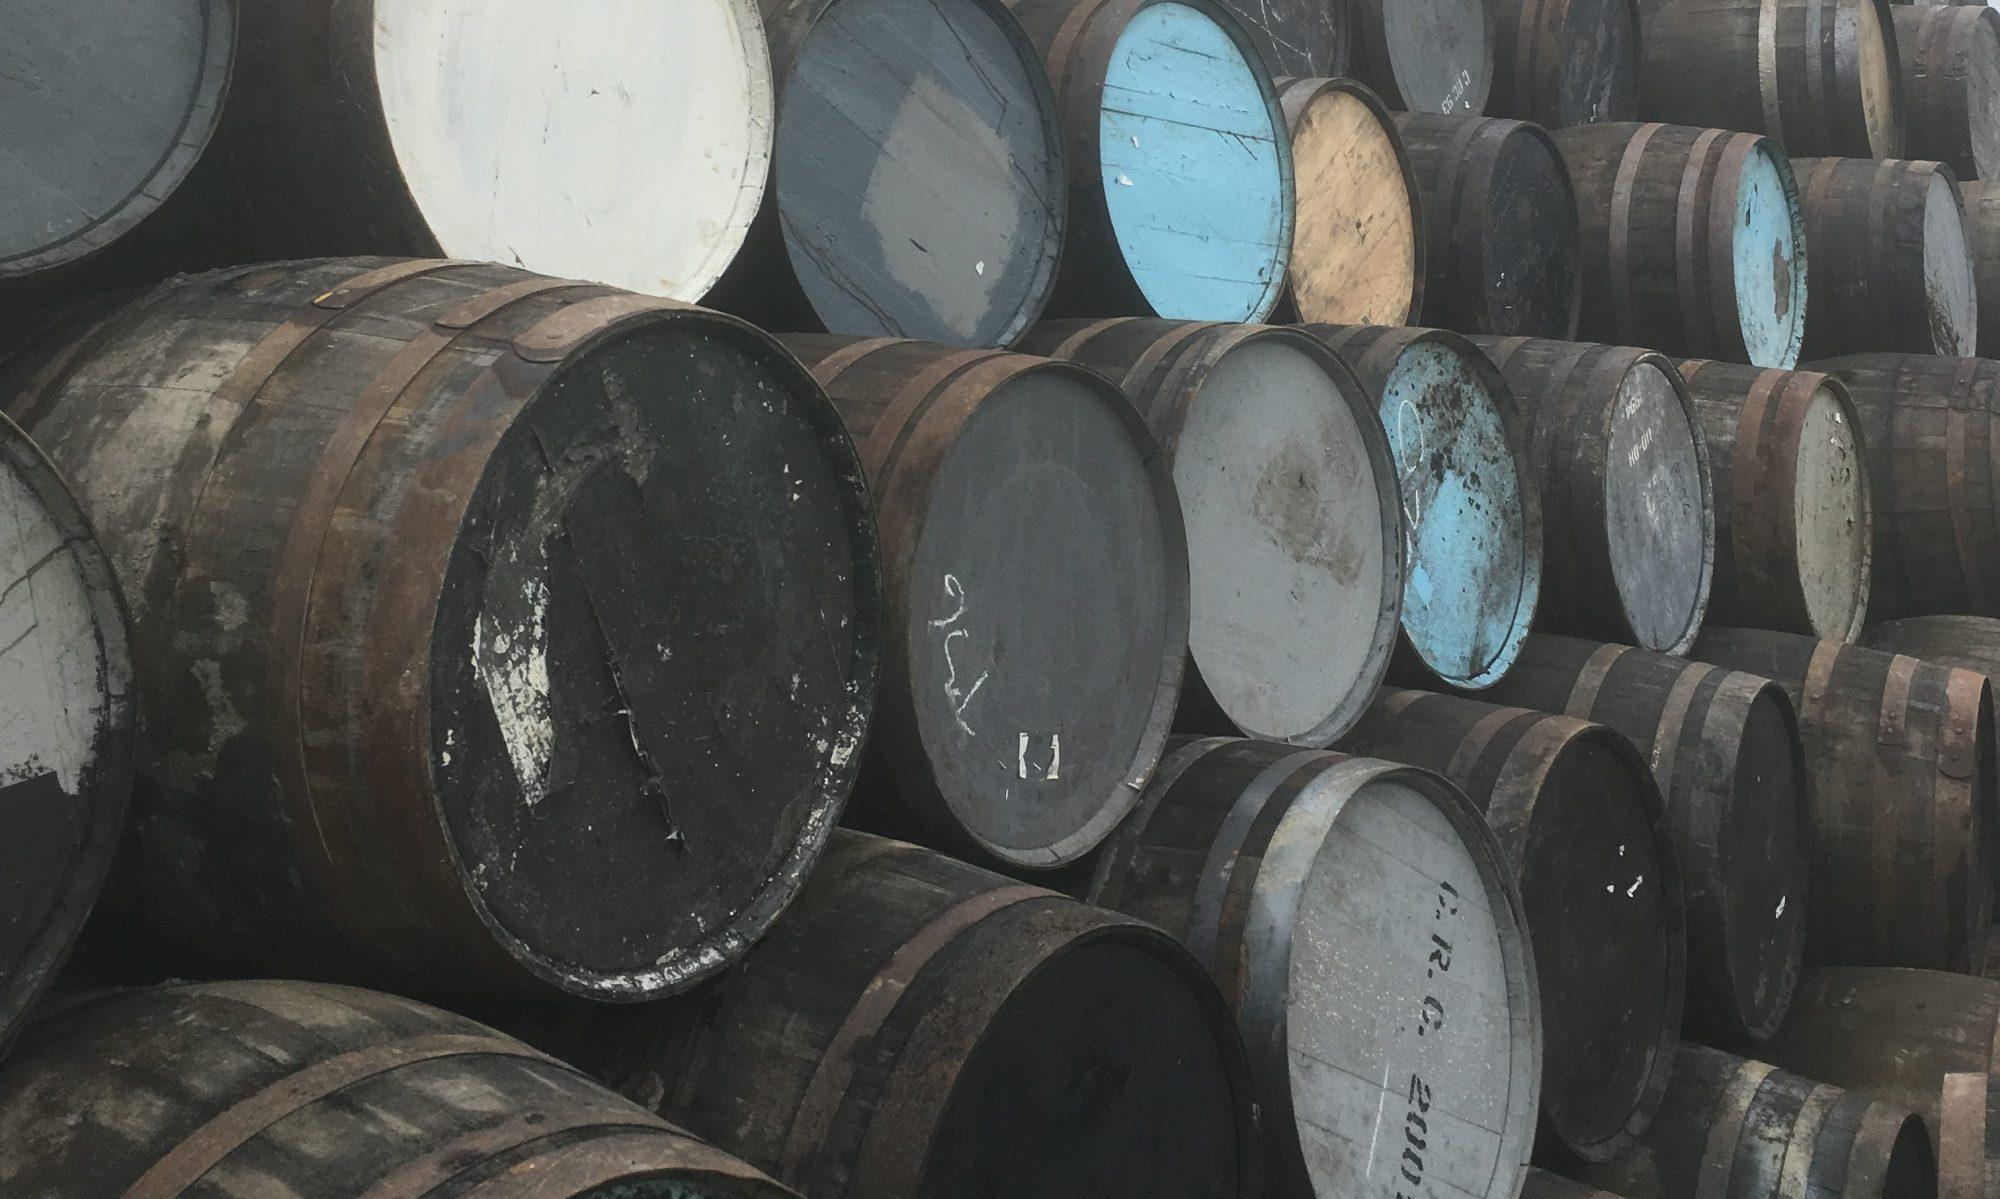 Bristol Whisky Appreciation Society